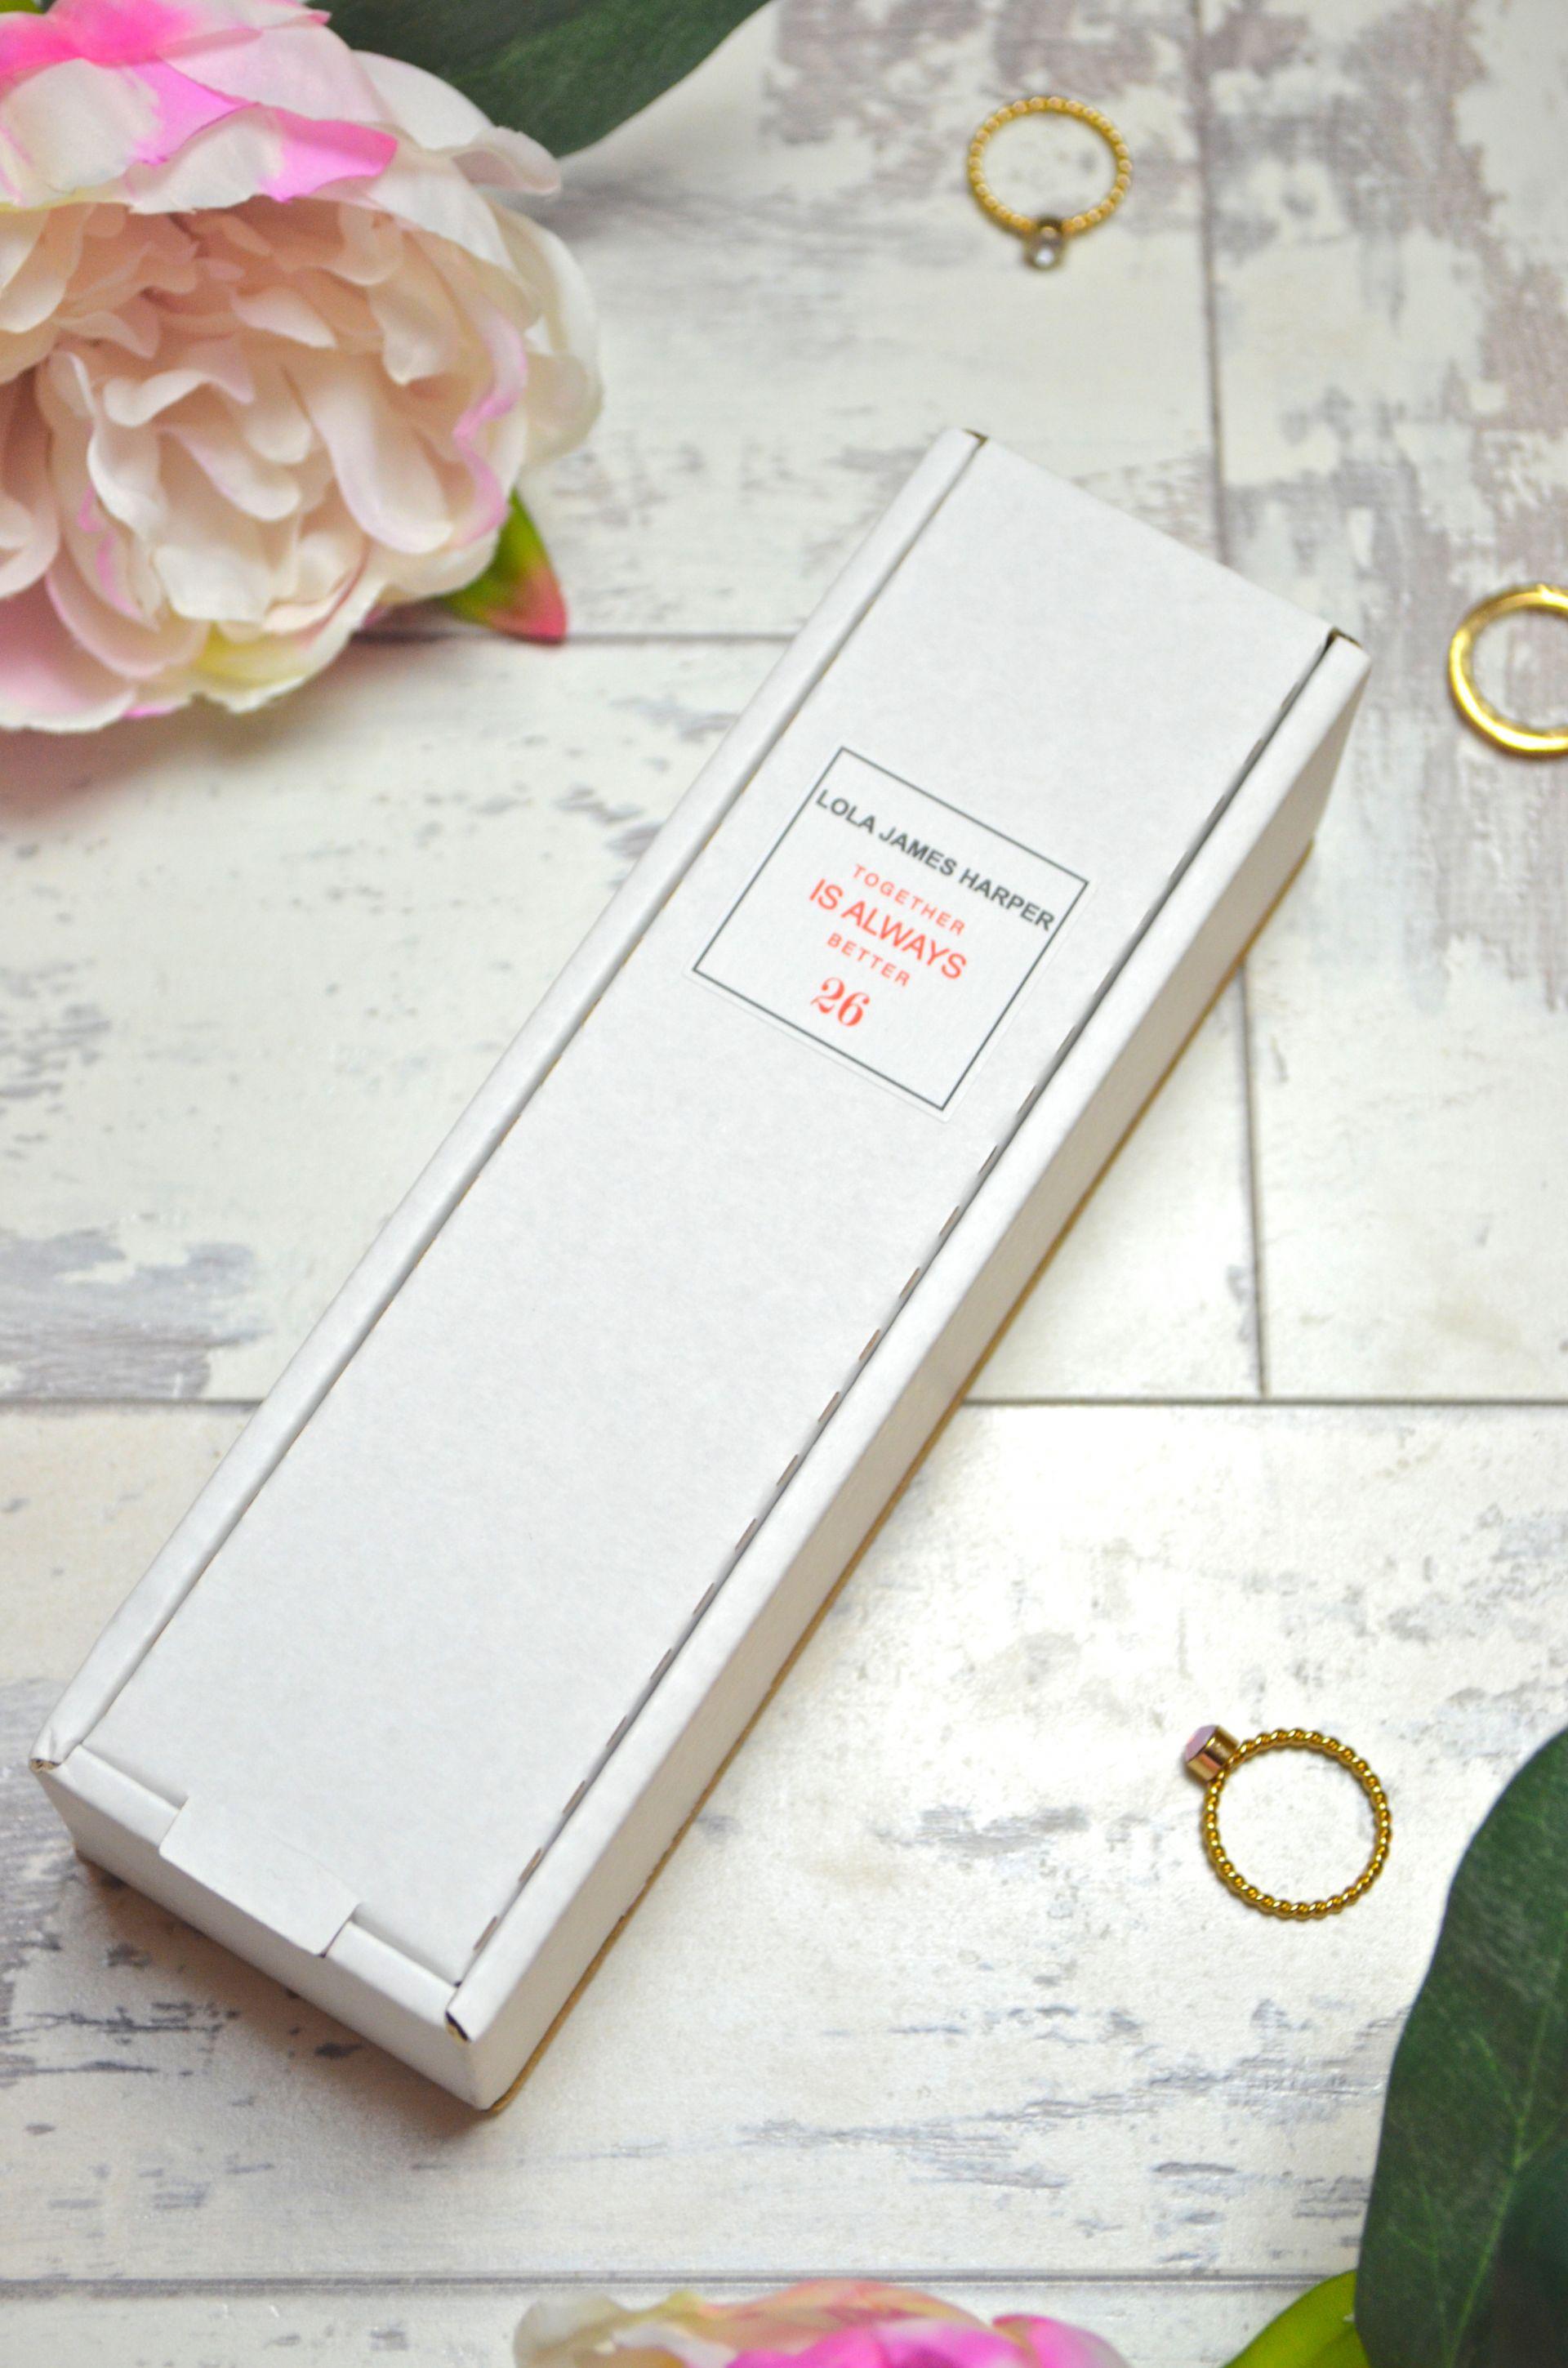 lola-james-harper-perfume-review